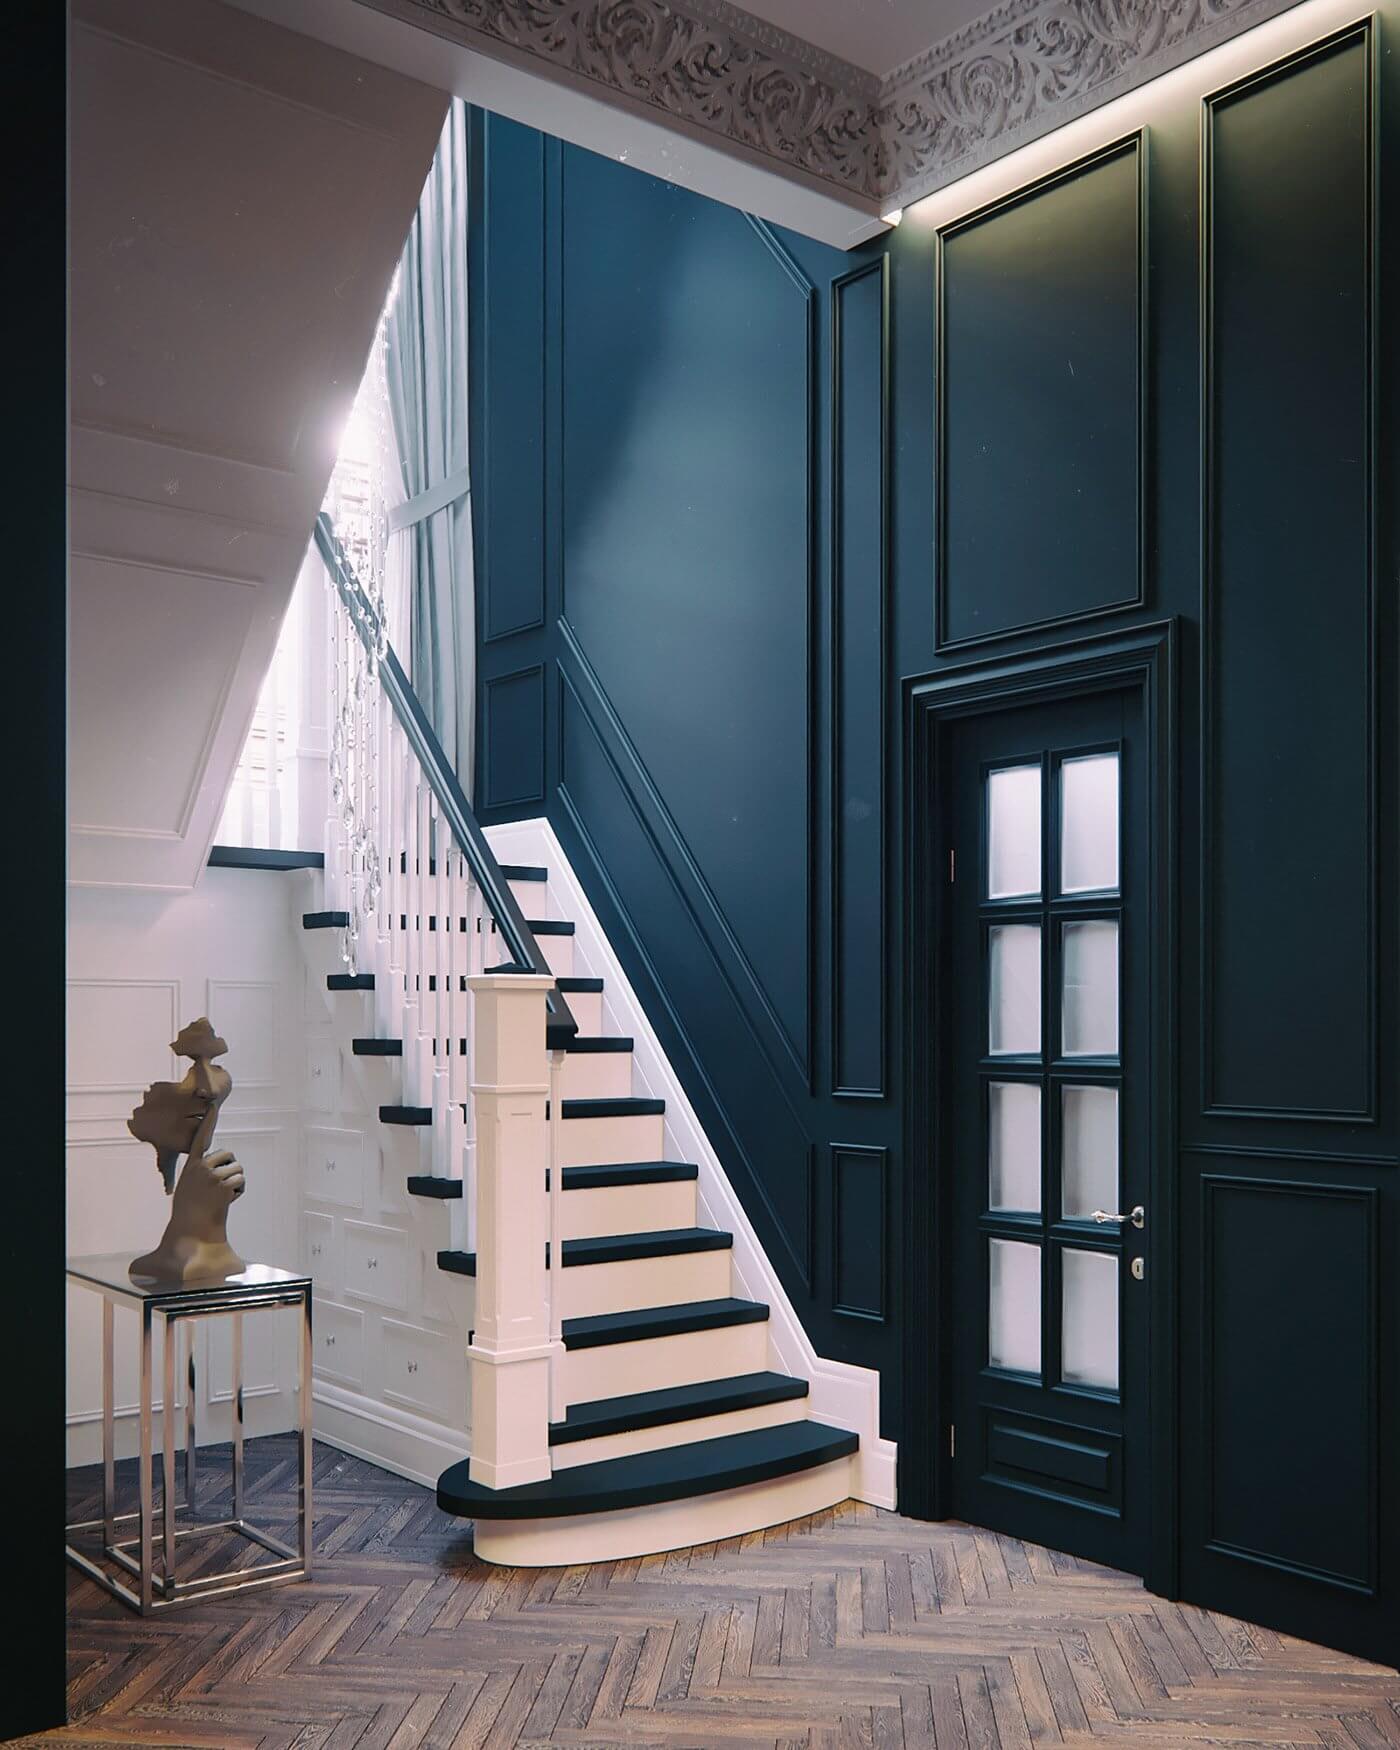 Maison Noire Apartment Paris stairway - cgi visualization